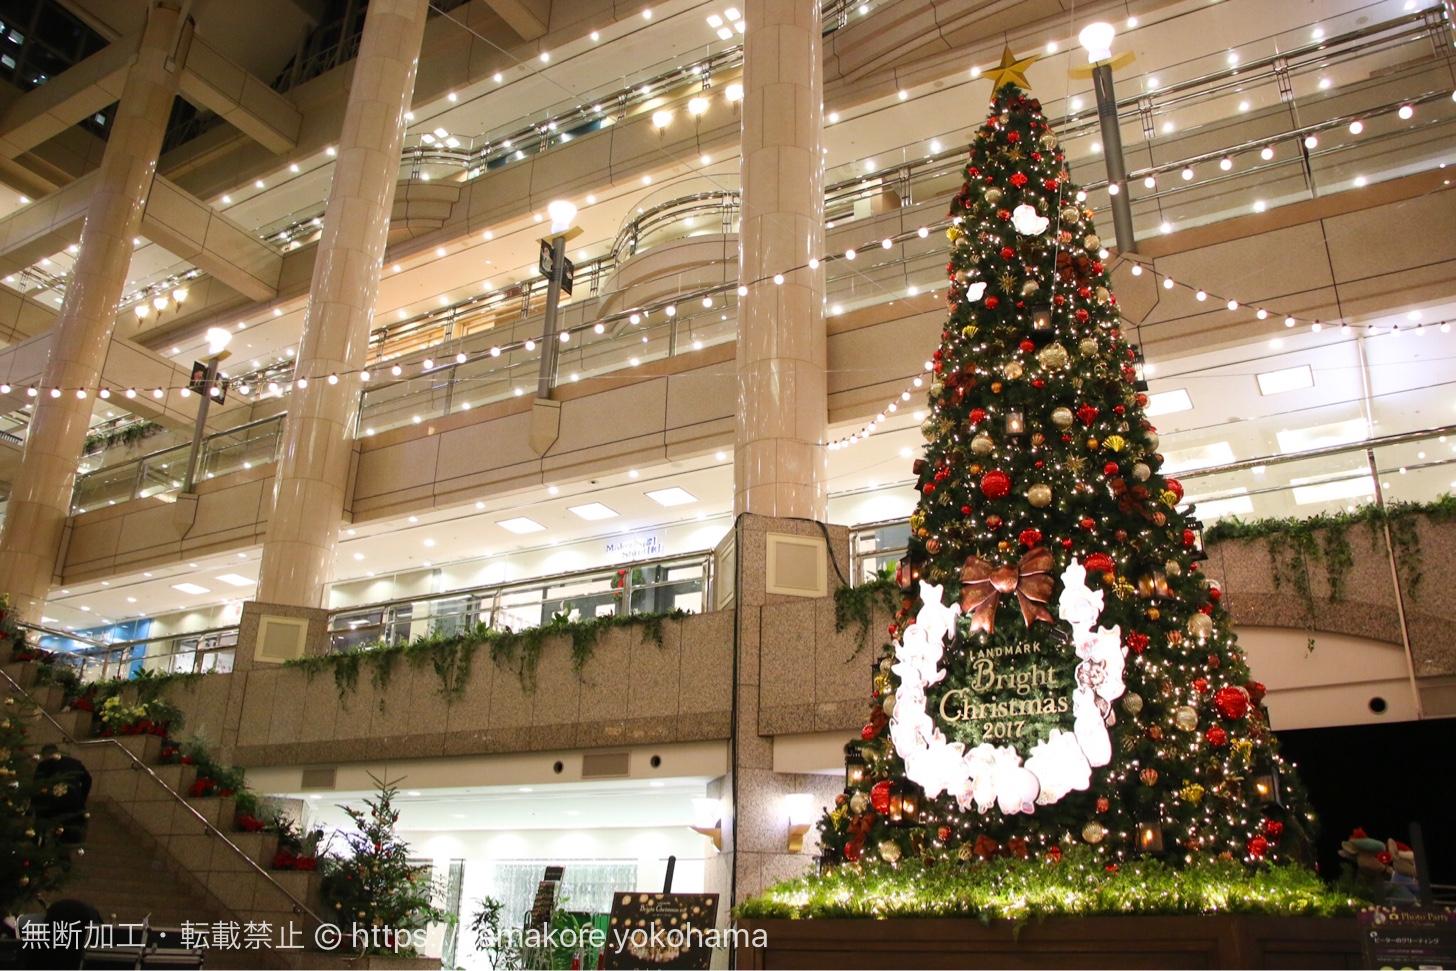 ピーターラビットとコラボのクリスマスツリー